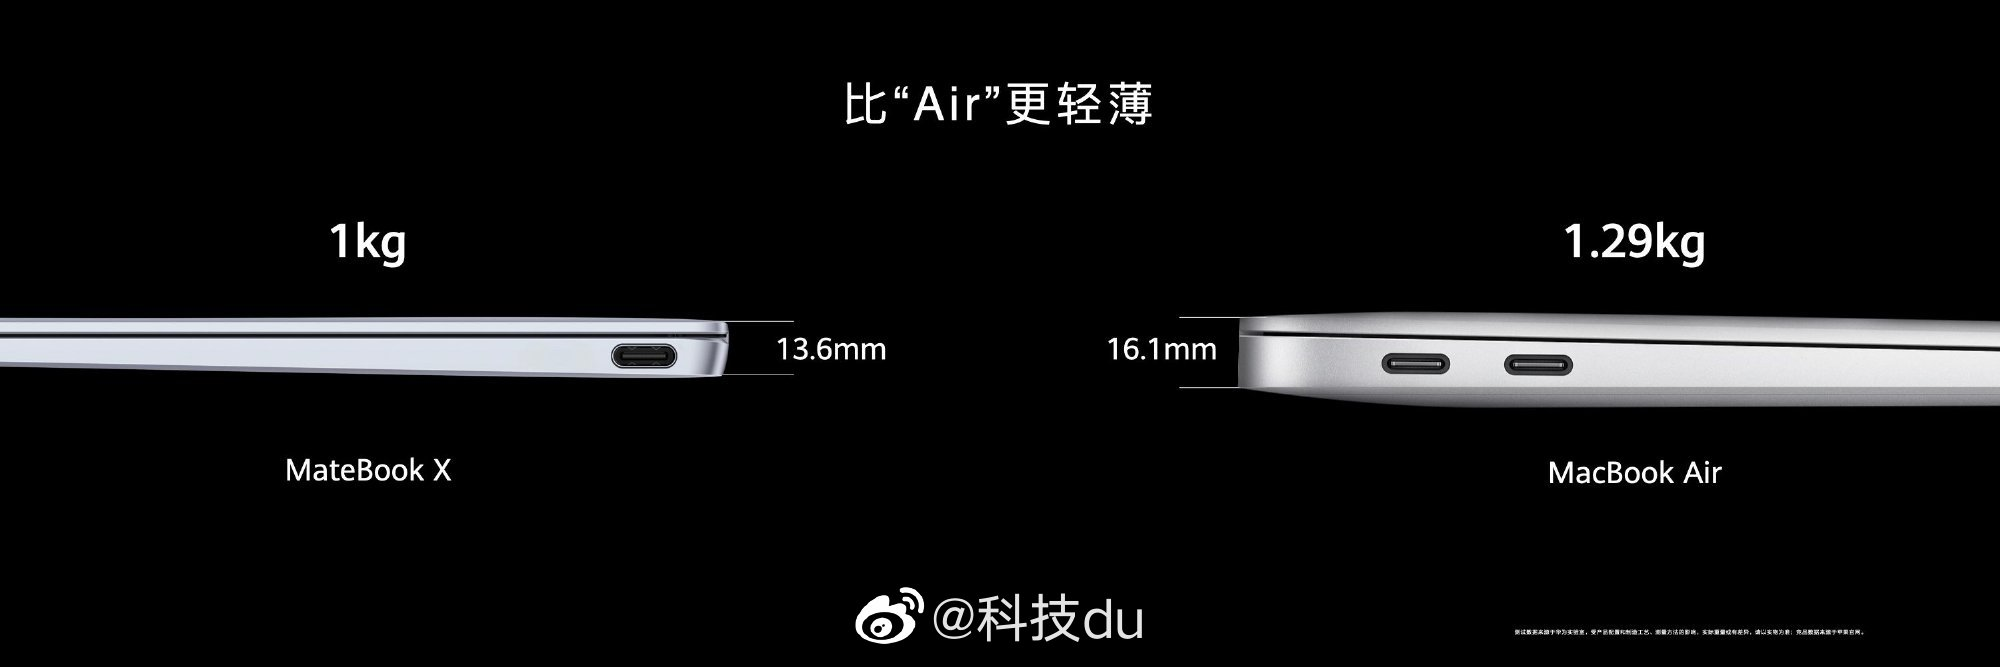 Huawei ra mắt MateBook X cao cấp: Mỏng nhẹ hơn MacBook Air, màn hình cảm ứng 3K, Intel thế hệ 10, giá từ 26.8 triệu - Ảnh 2.